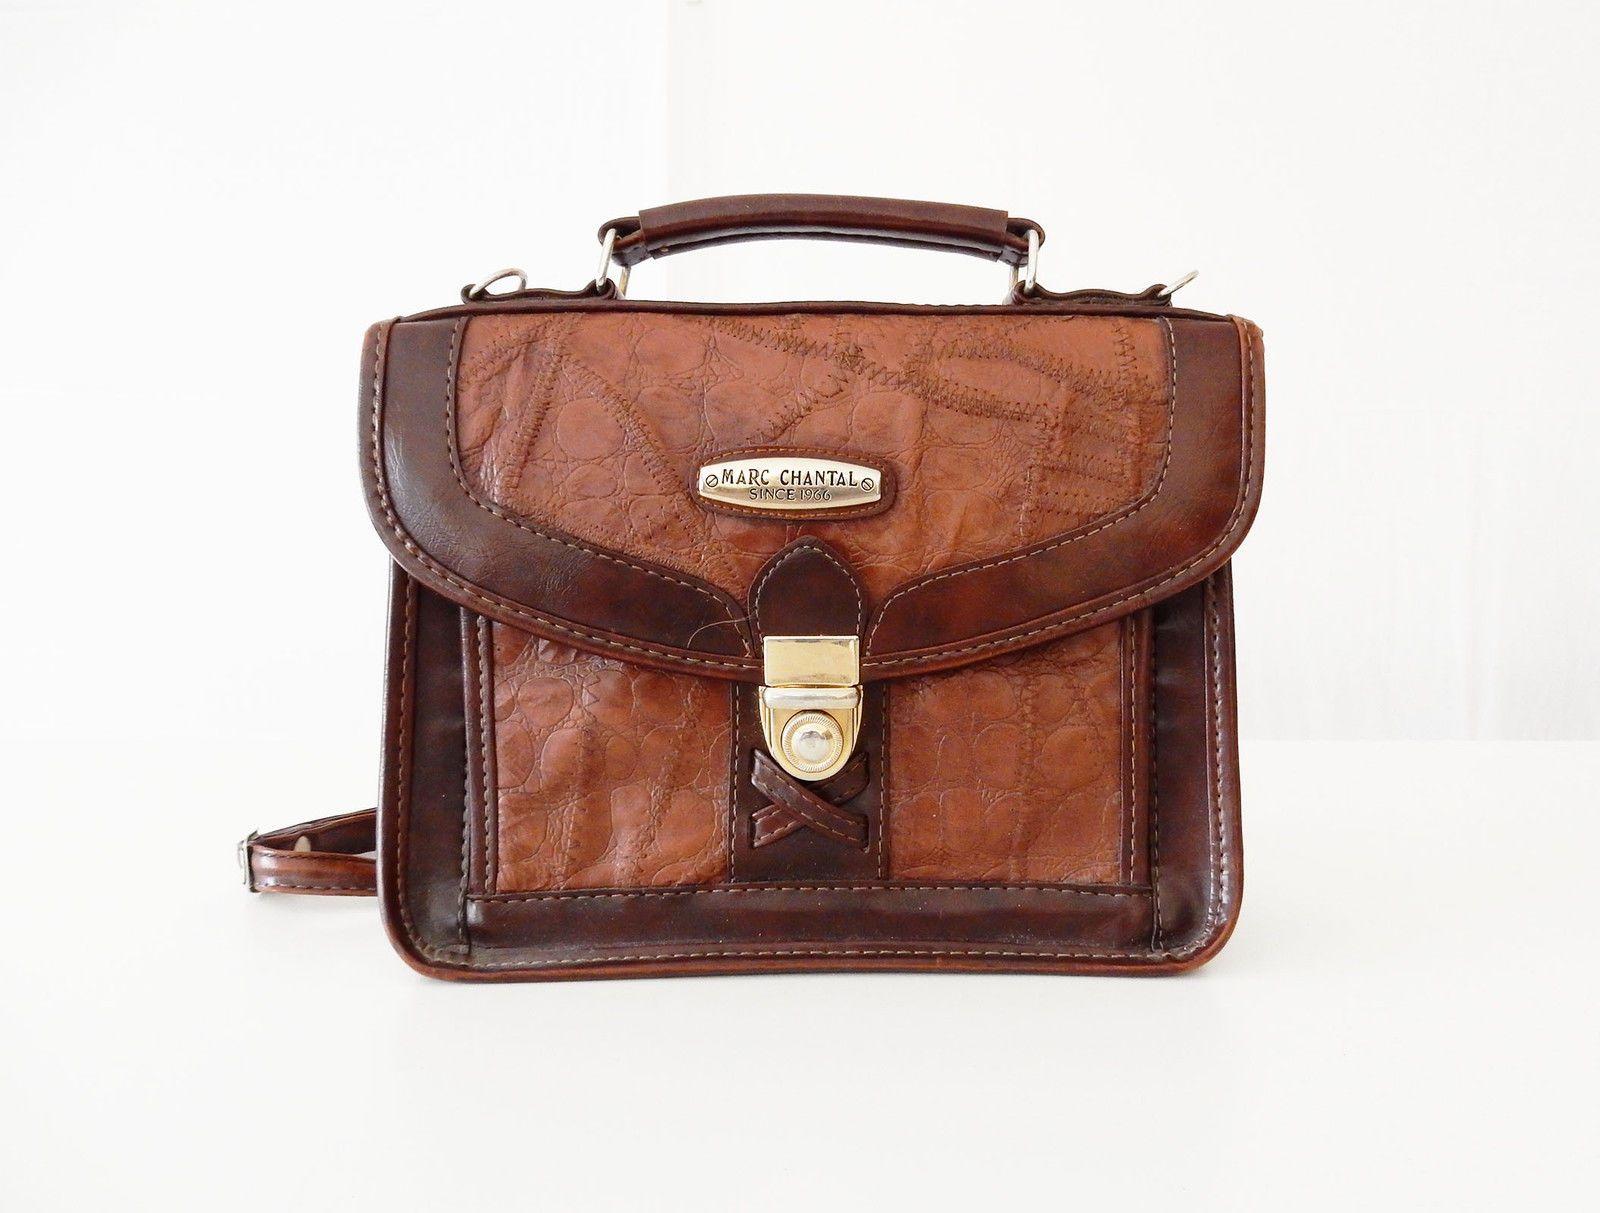 MARC CHANTAL VINTAGE RARE BORSA BAG LEATHER PELLE 80'S in Abbigliamento e  accessori, Vintage,